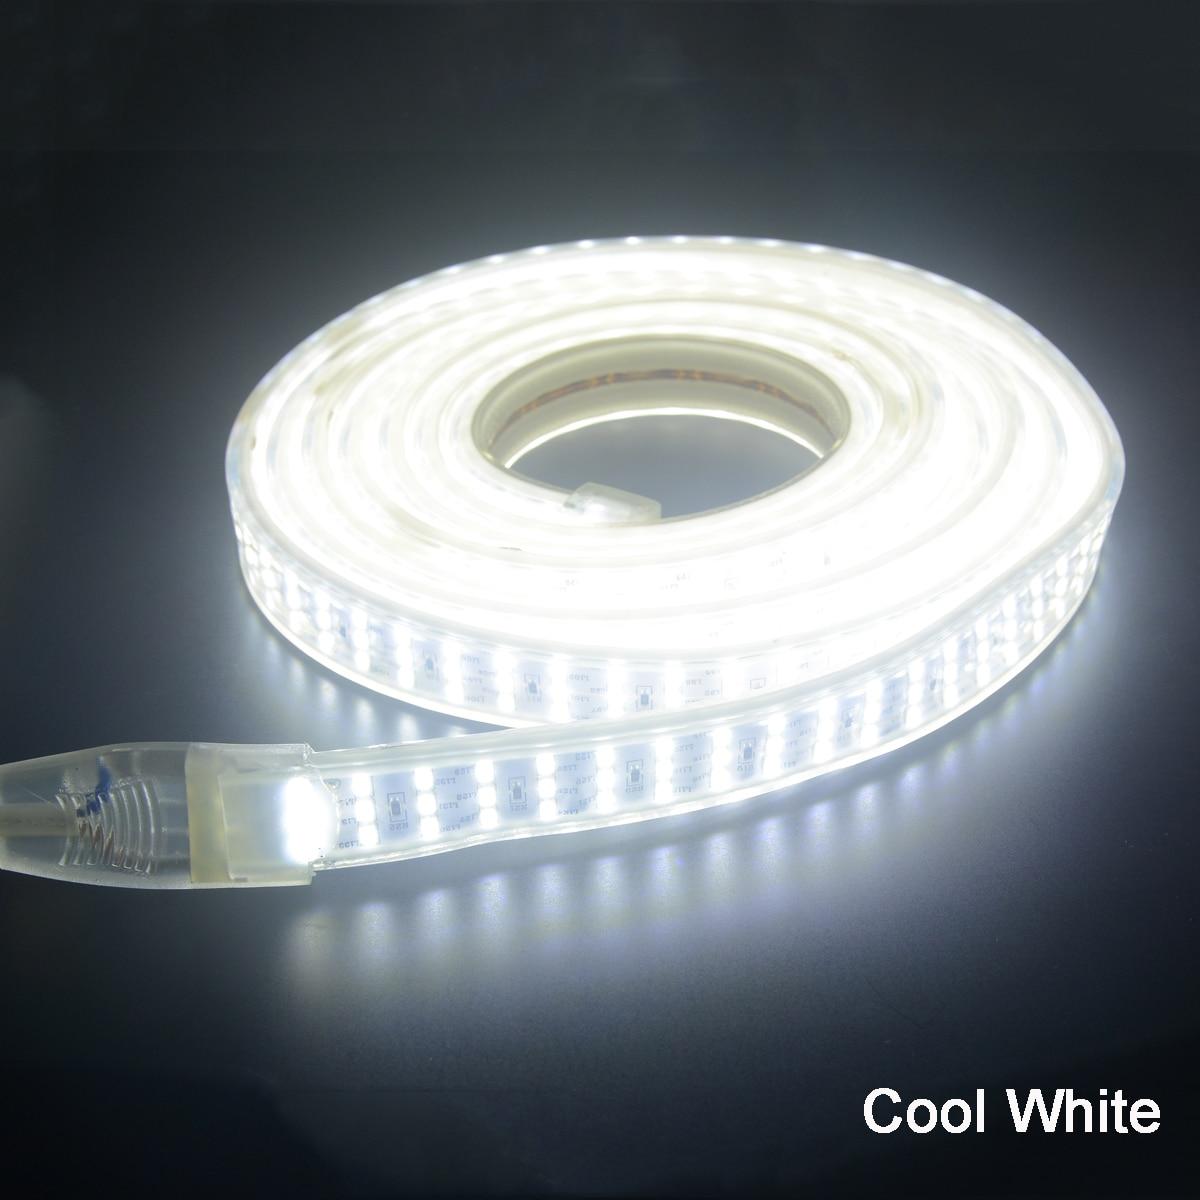 Lumière de bande menée 220v SMD 2835 ruban flexible 276 leds/m 1m 2m 4m 5m 6m 7m 8m 9m + Puissance prise UE